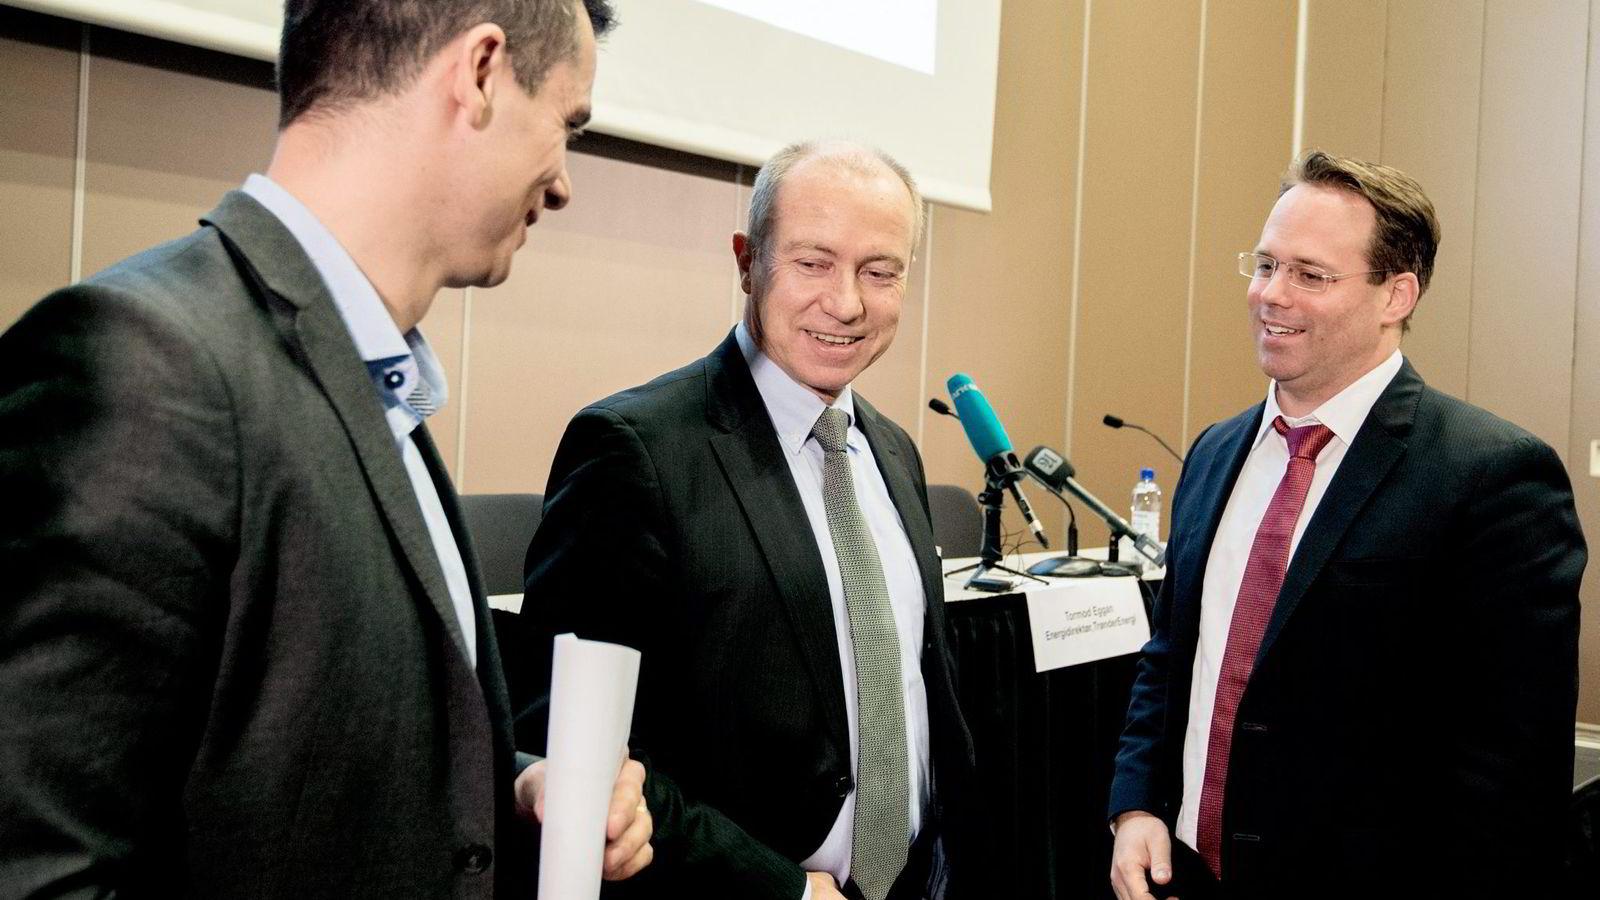 Statkraft-sjef Christian Rynning-Tønnesen holdt pressekonferanse i Trondheim sammen med medinvestorer tirsdag. Her er han flankert av Tormod Eggan (til venstre) i TrønderEnergi og Dominik Bollier i Credit Suisse Energy Infrastructure Partners.